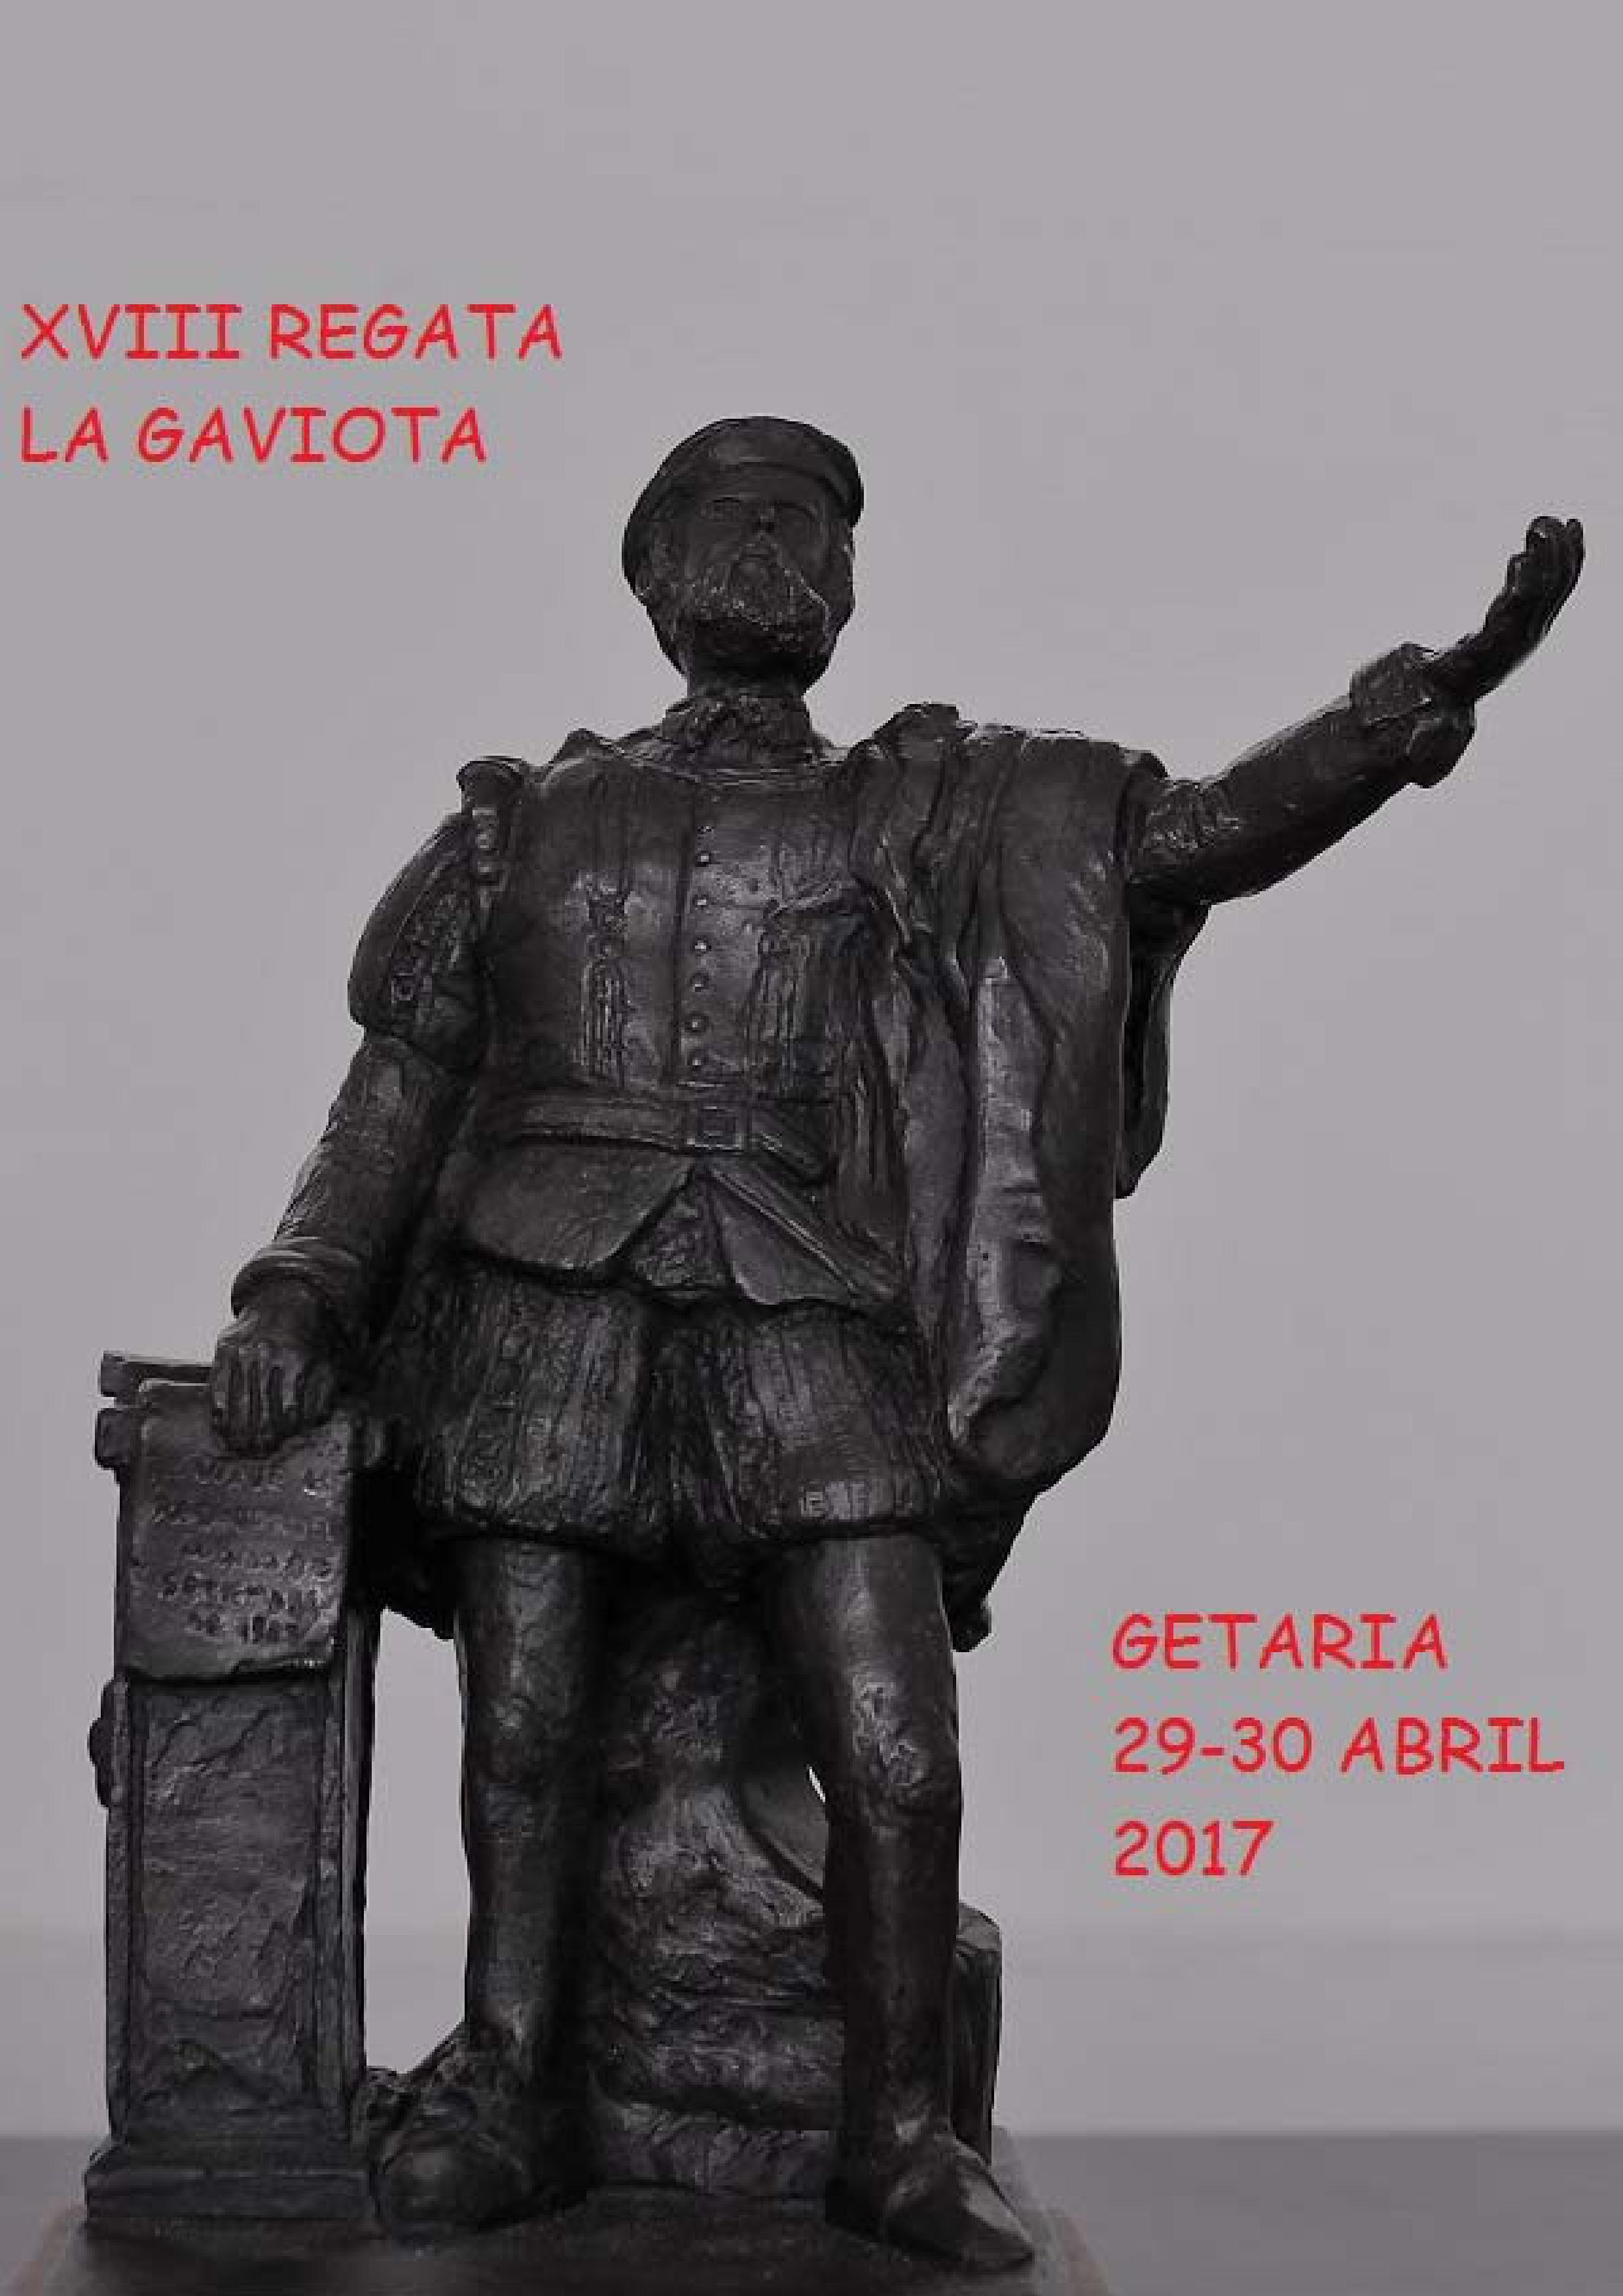 XVIII edición de la Regata la Gaviota